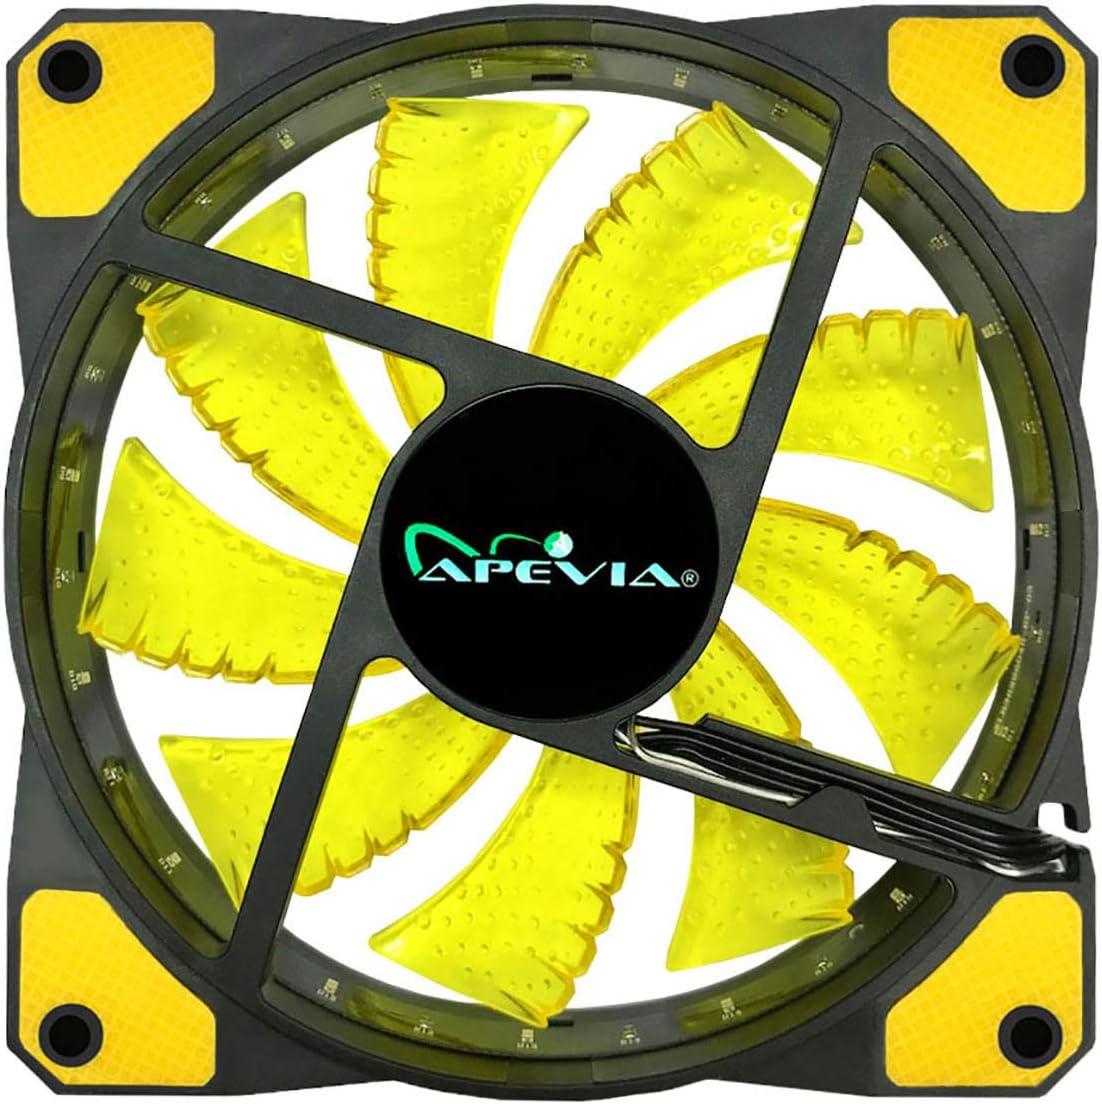 APEVIA 512L-DPP 120mm Silent Black Case Fan with 15 x Purple//Pink LEDs /& 8 x Anti-Vibration Rubber Pads 5 Pk